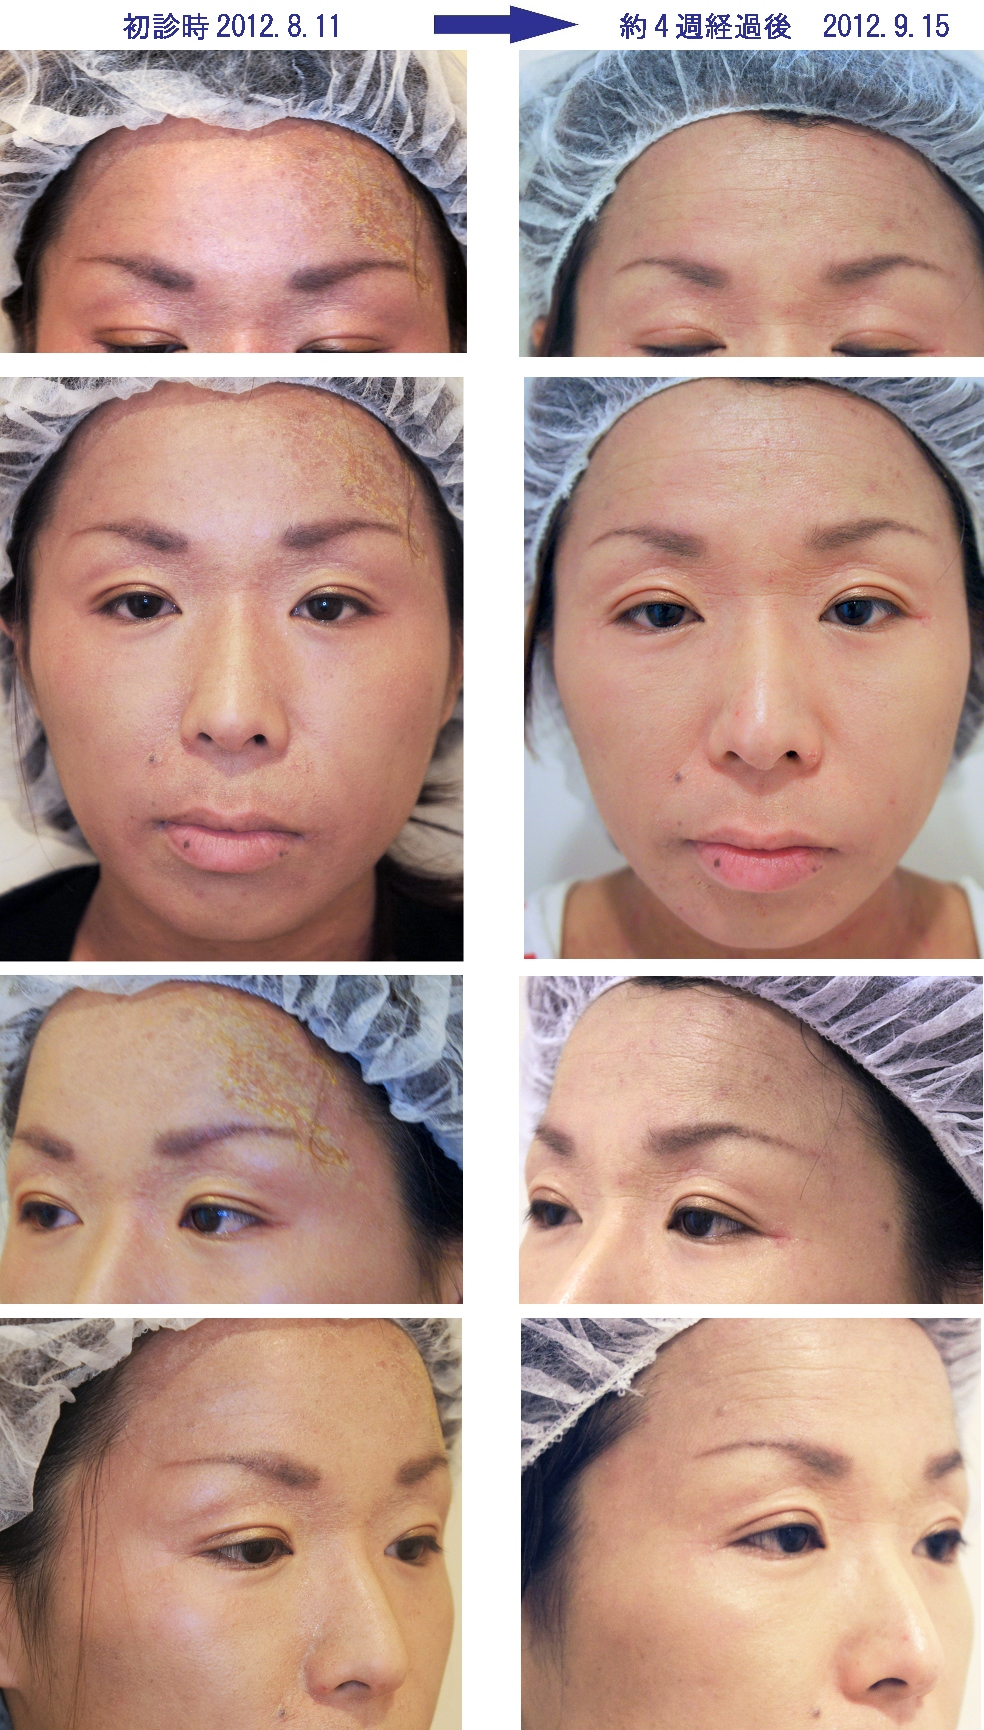 アトピー性皮膚炎の痒み原因対策化粧品・顔・おでこ・額/ダチョウ卵黄エキス/レイドラテ・ラ・ポー